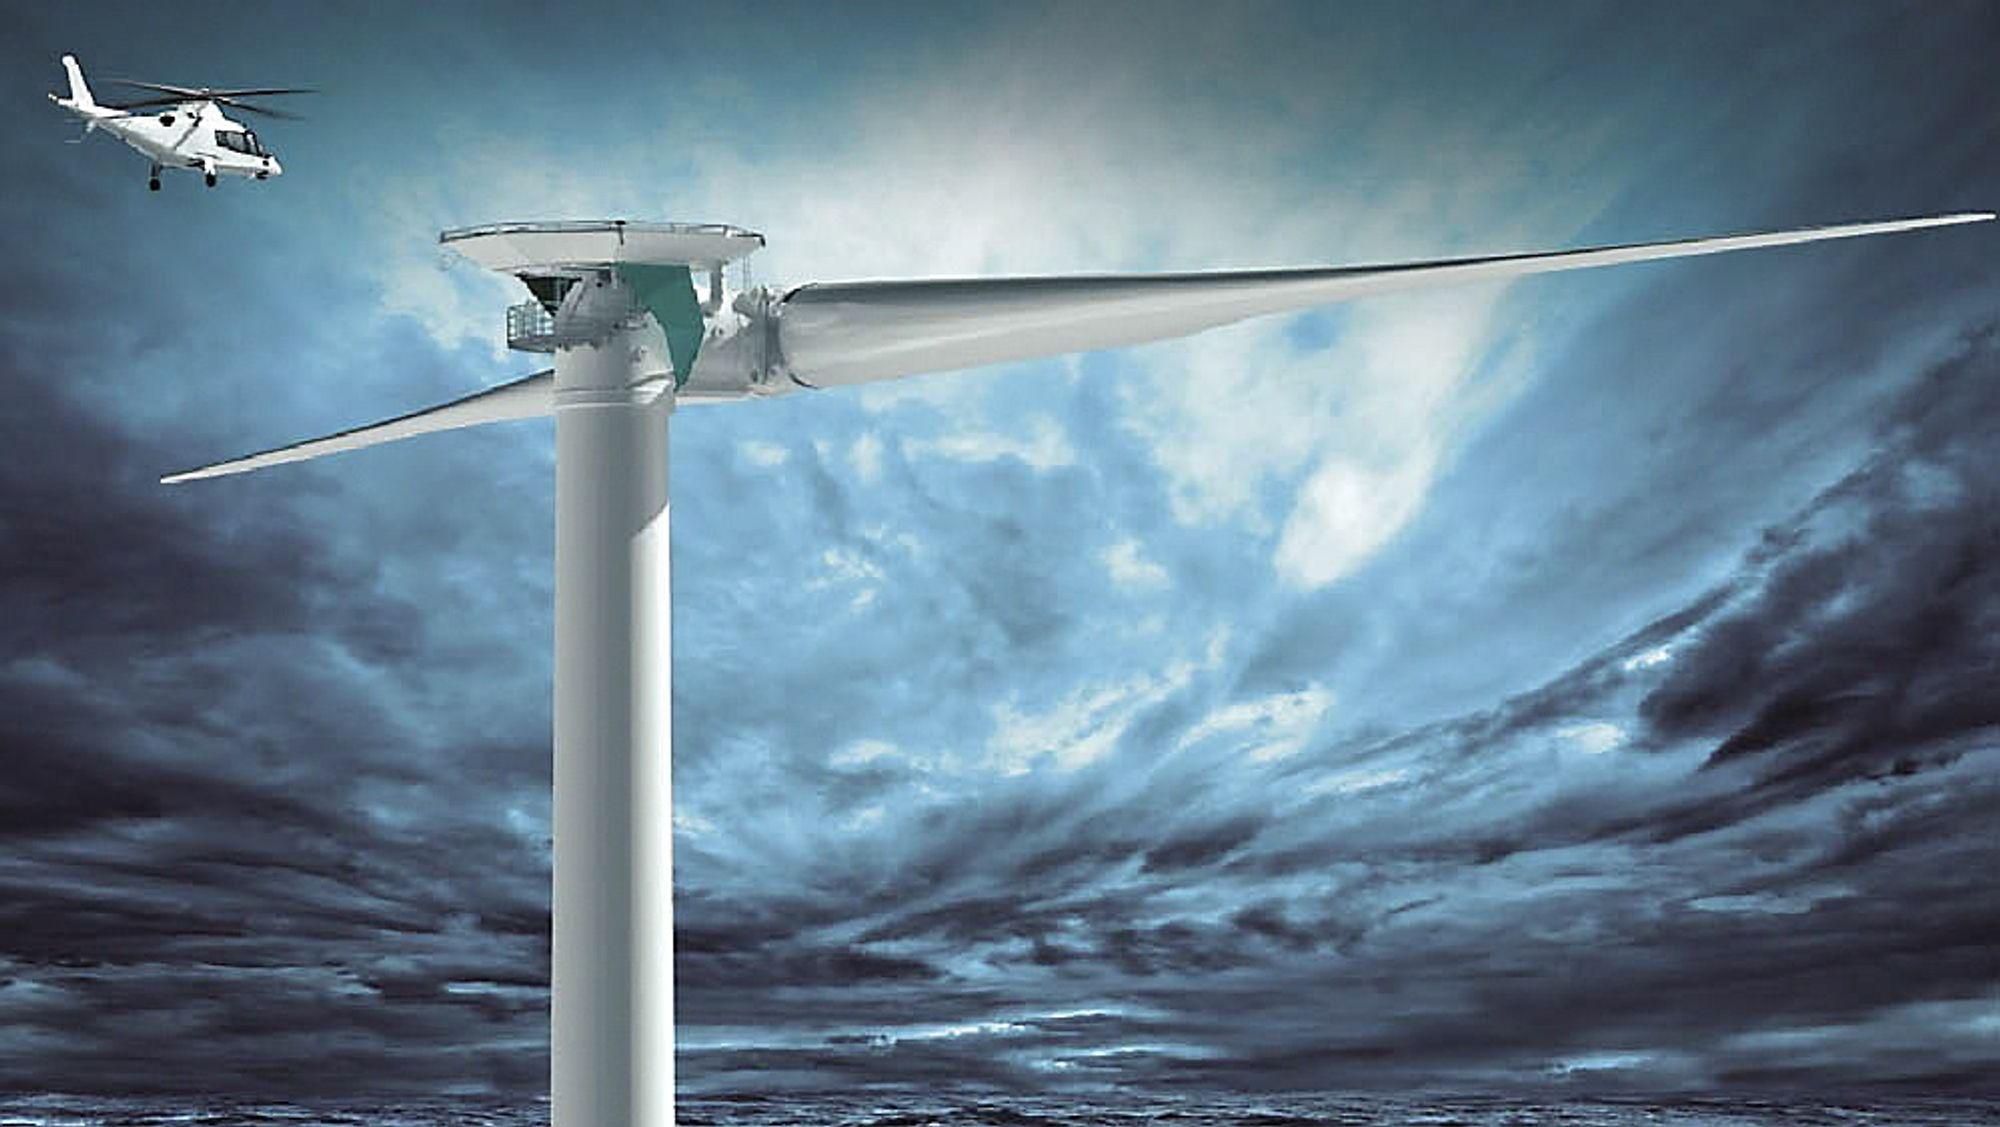 Tyske Aerodyn står for designet av den tobladede havvindmøllen som skal monteres i Norge i løpet av 2016. Illustrasjonen viser er en større variant (8MW) av samme turbin. Den norske turbinen får en effekt på 6 MW.